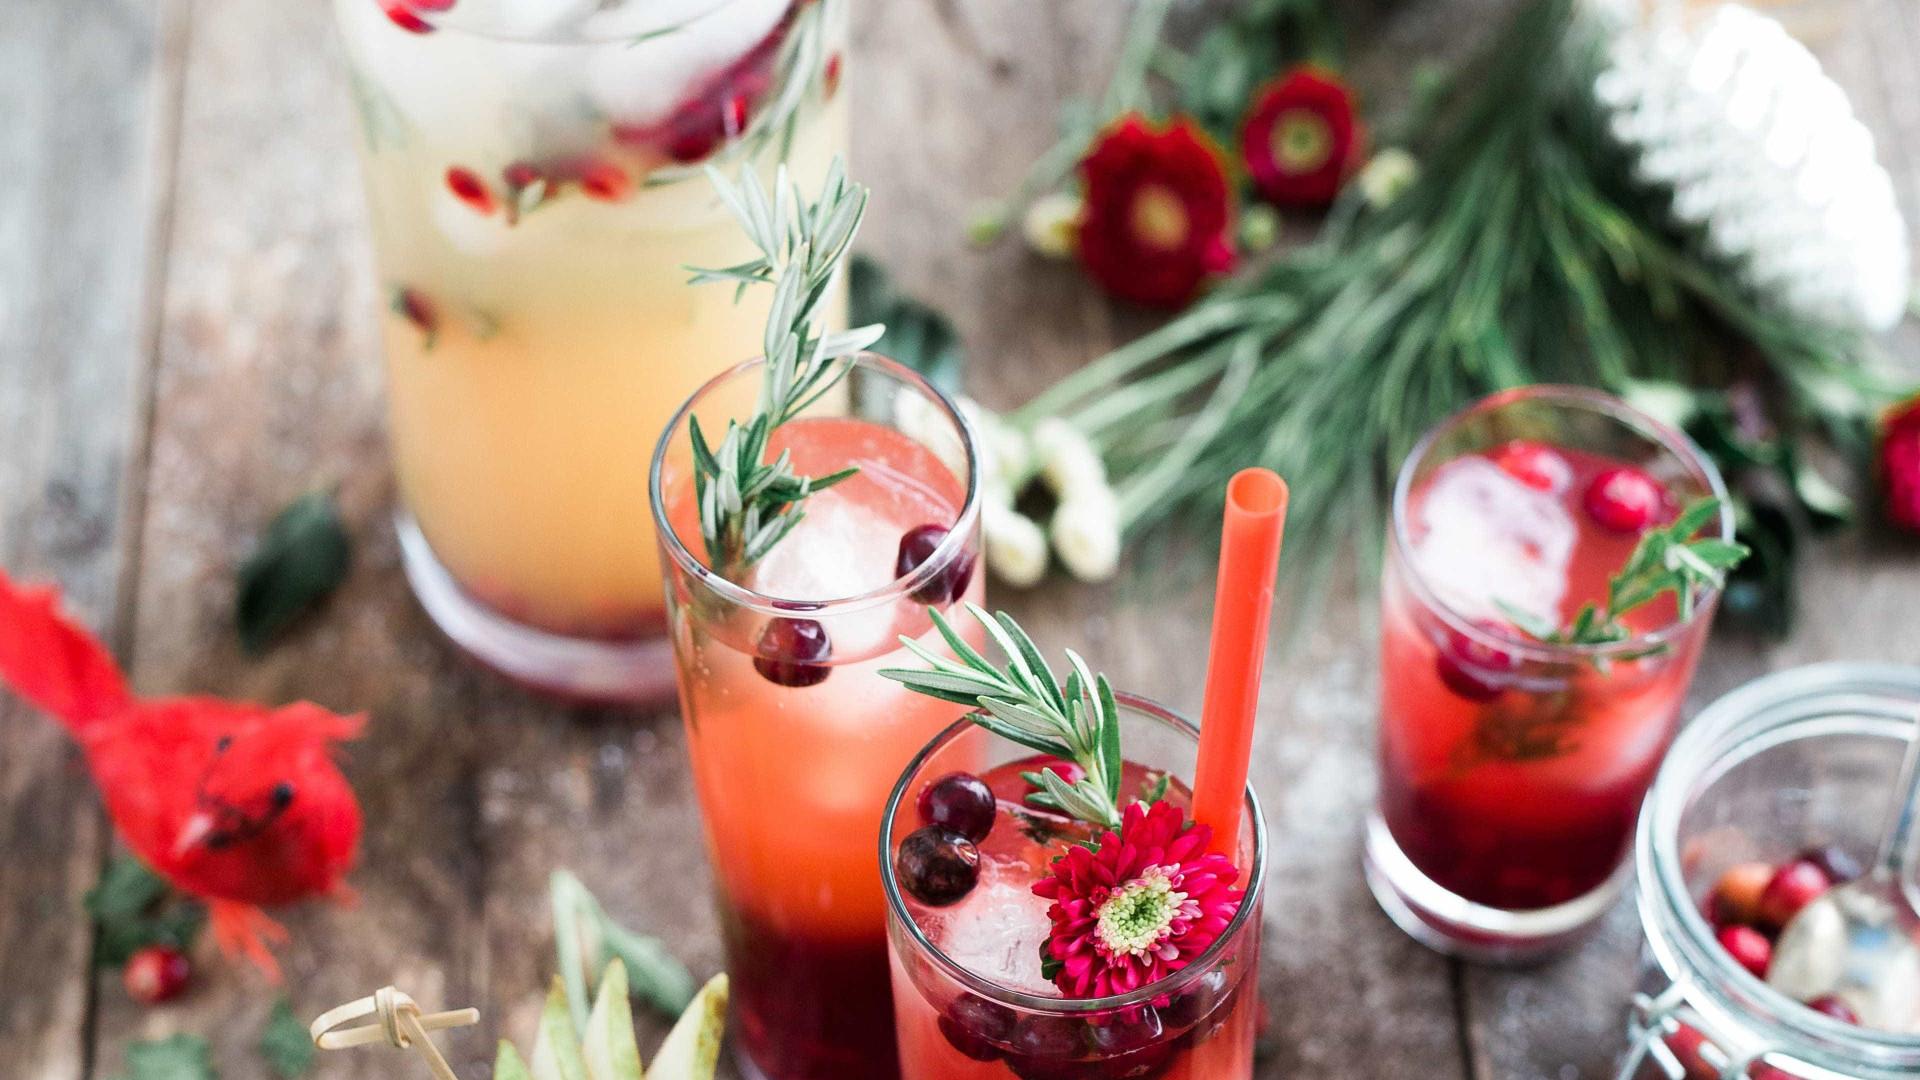 Dez misturas de frutas para fazer sucos deliciosos